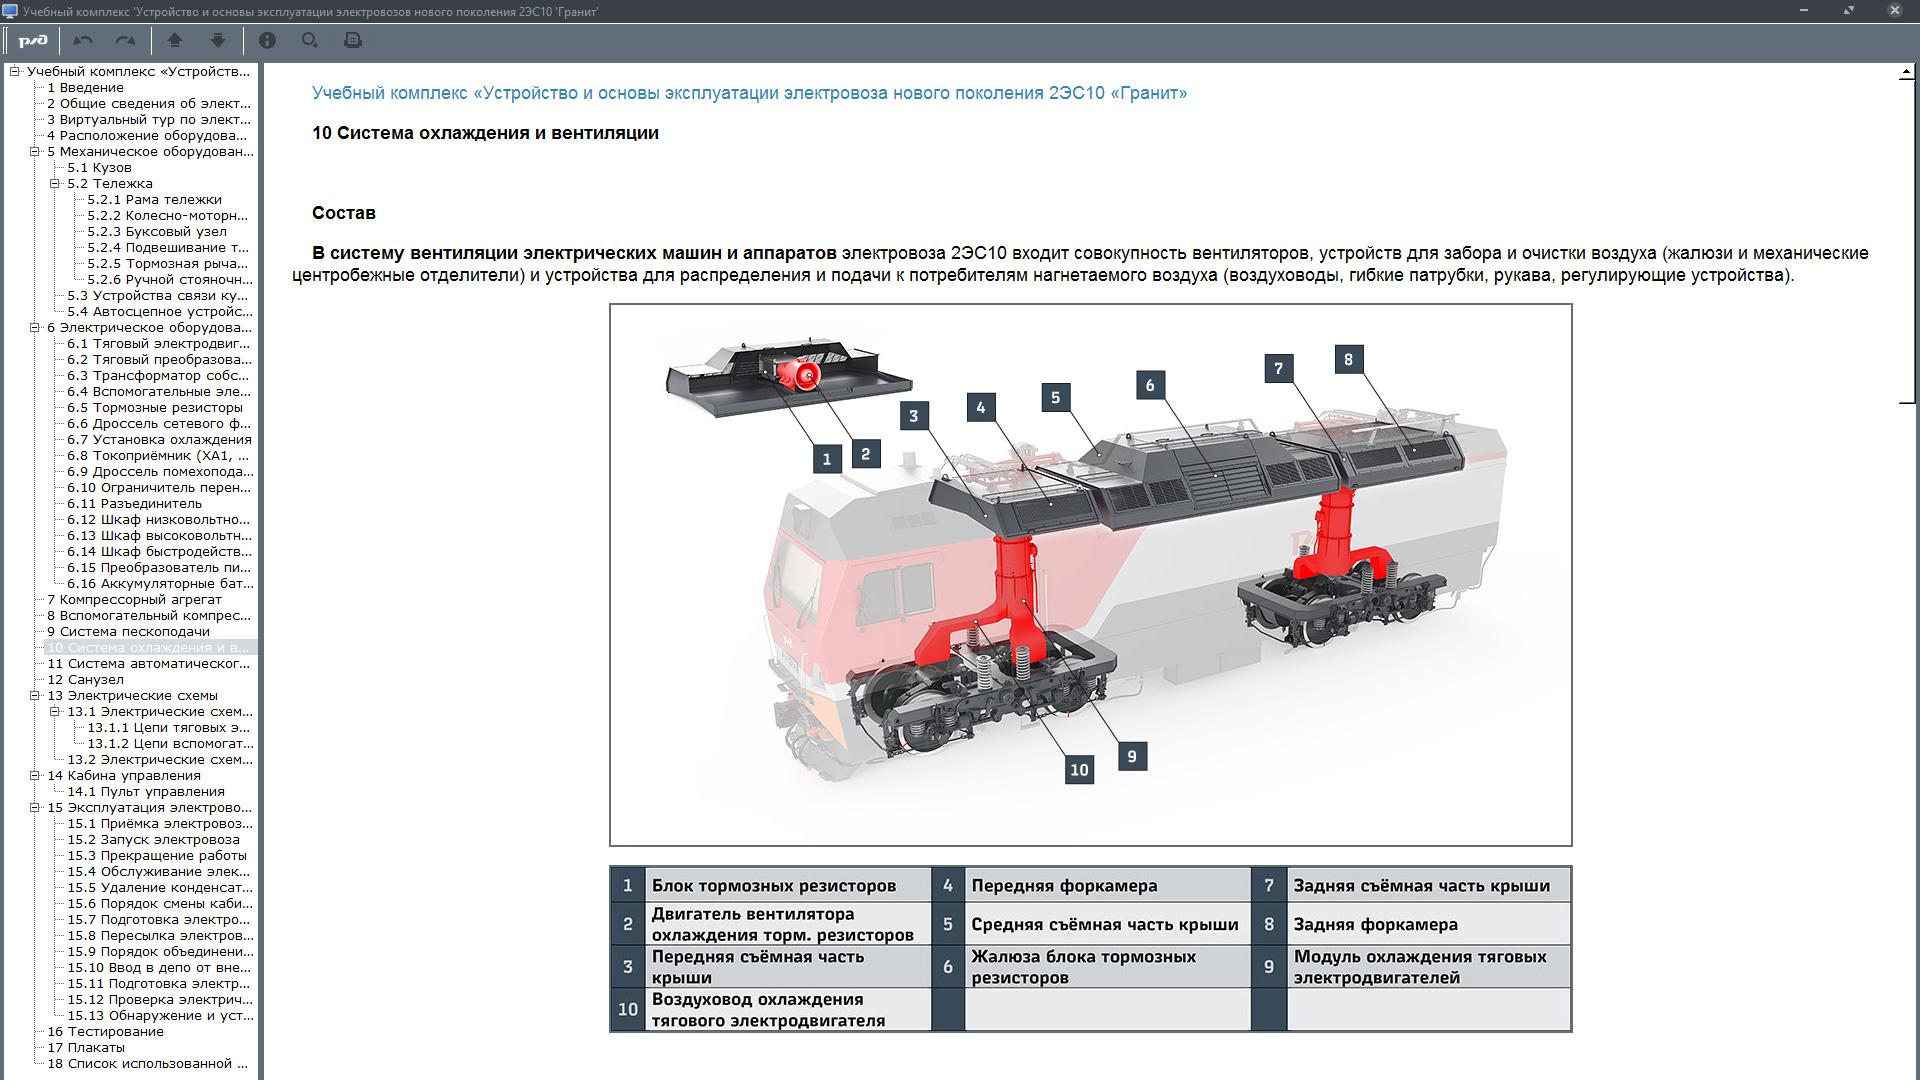 granit16 04 Электронный учебный комплекс «Устройство и основы эксплуатации электровозов нового поколения 2ЭС10 «Гранит»